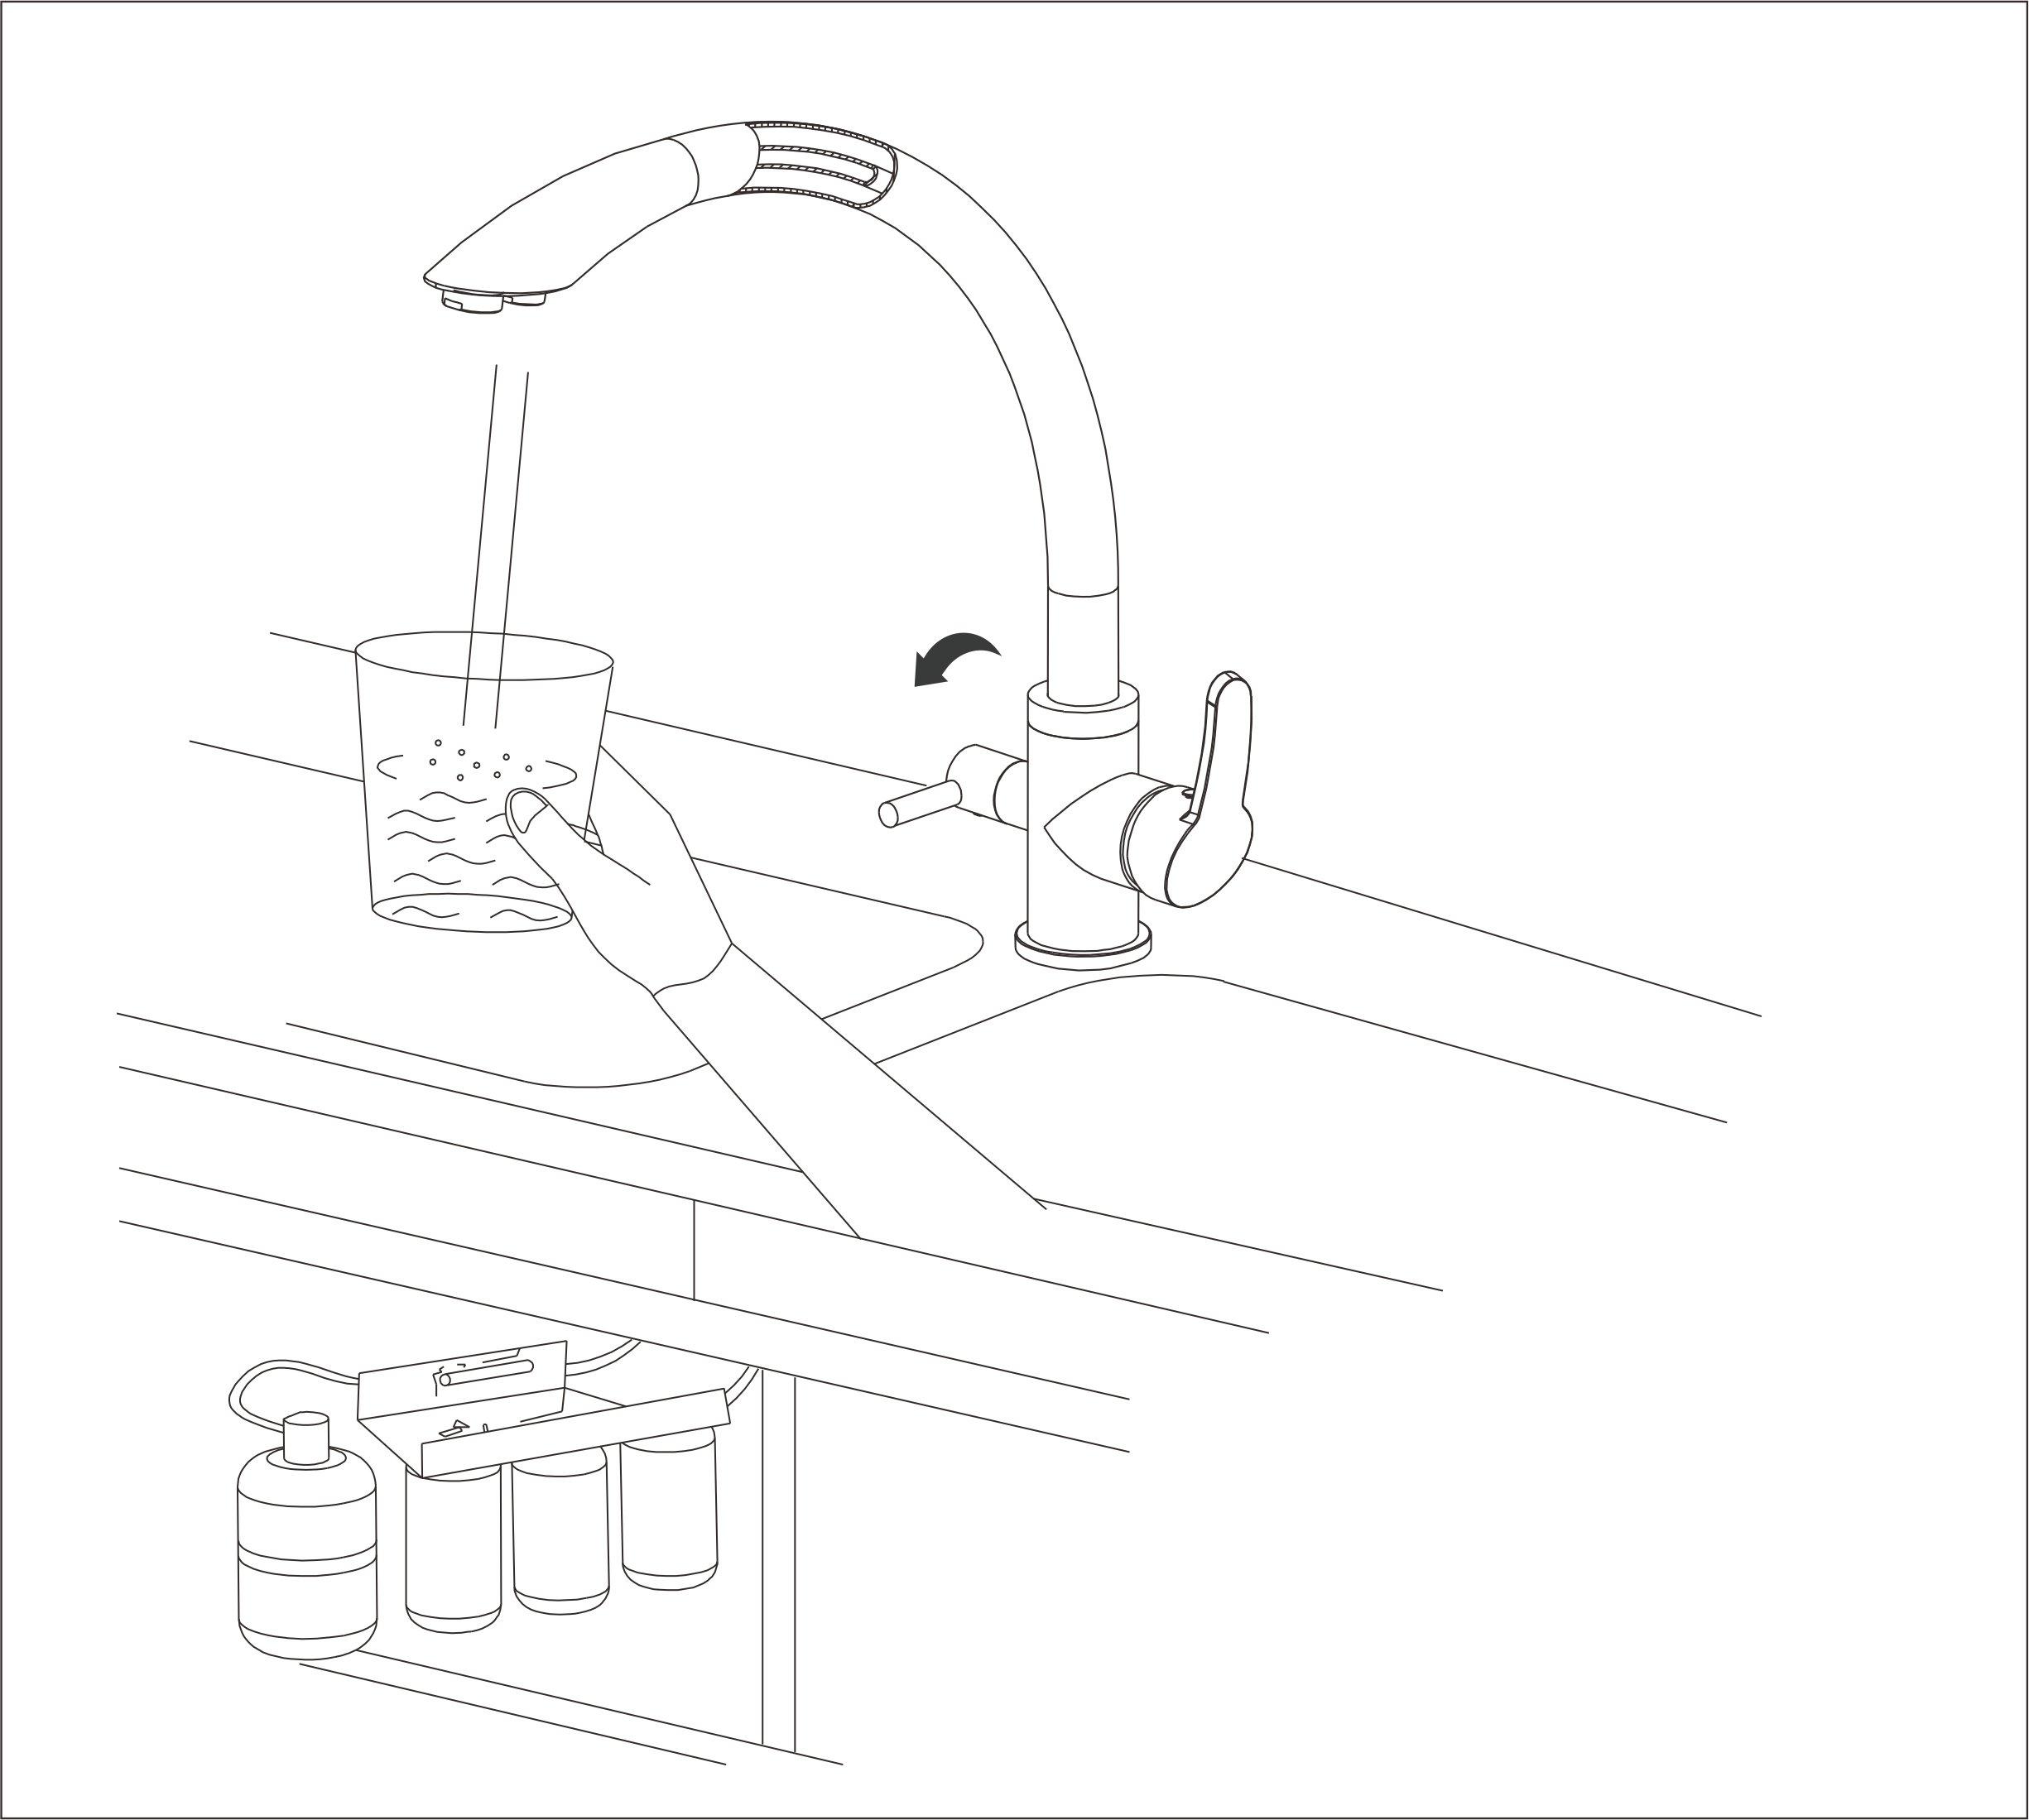 smardy DUO304 Grifo de Cocina 3 Vias, 360° Giratorio para osmosis inversa Agua Purificada (RO) Mangueras Conexión 3/8